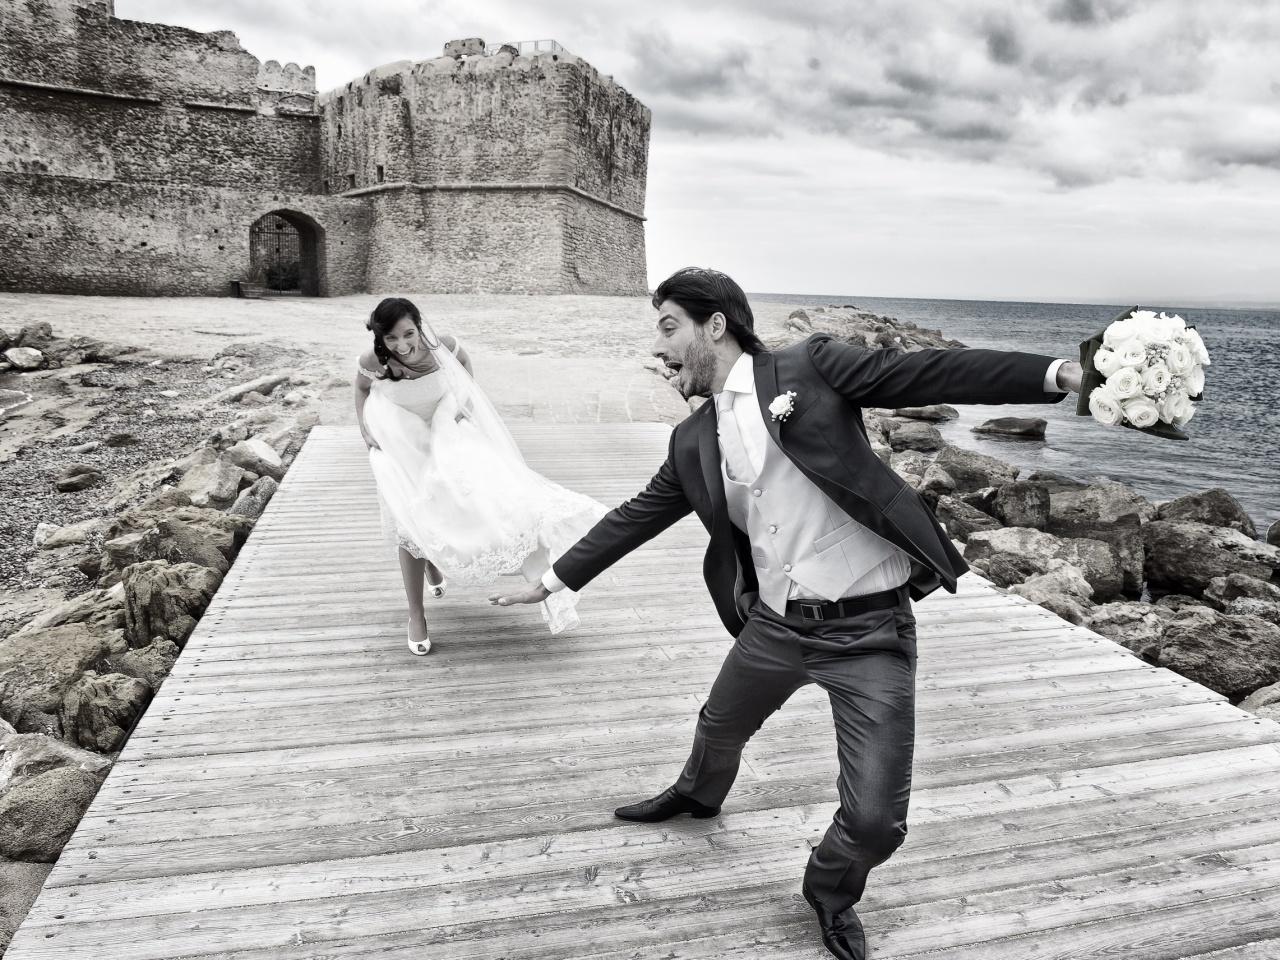 copyright FotoVideando di Antonio Moniaci - www.fotovideando.com